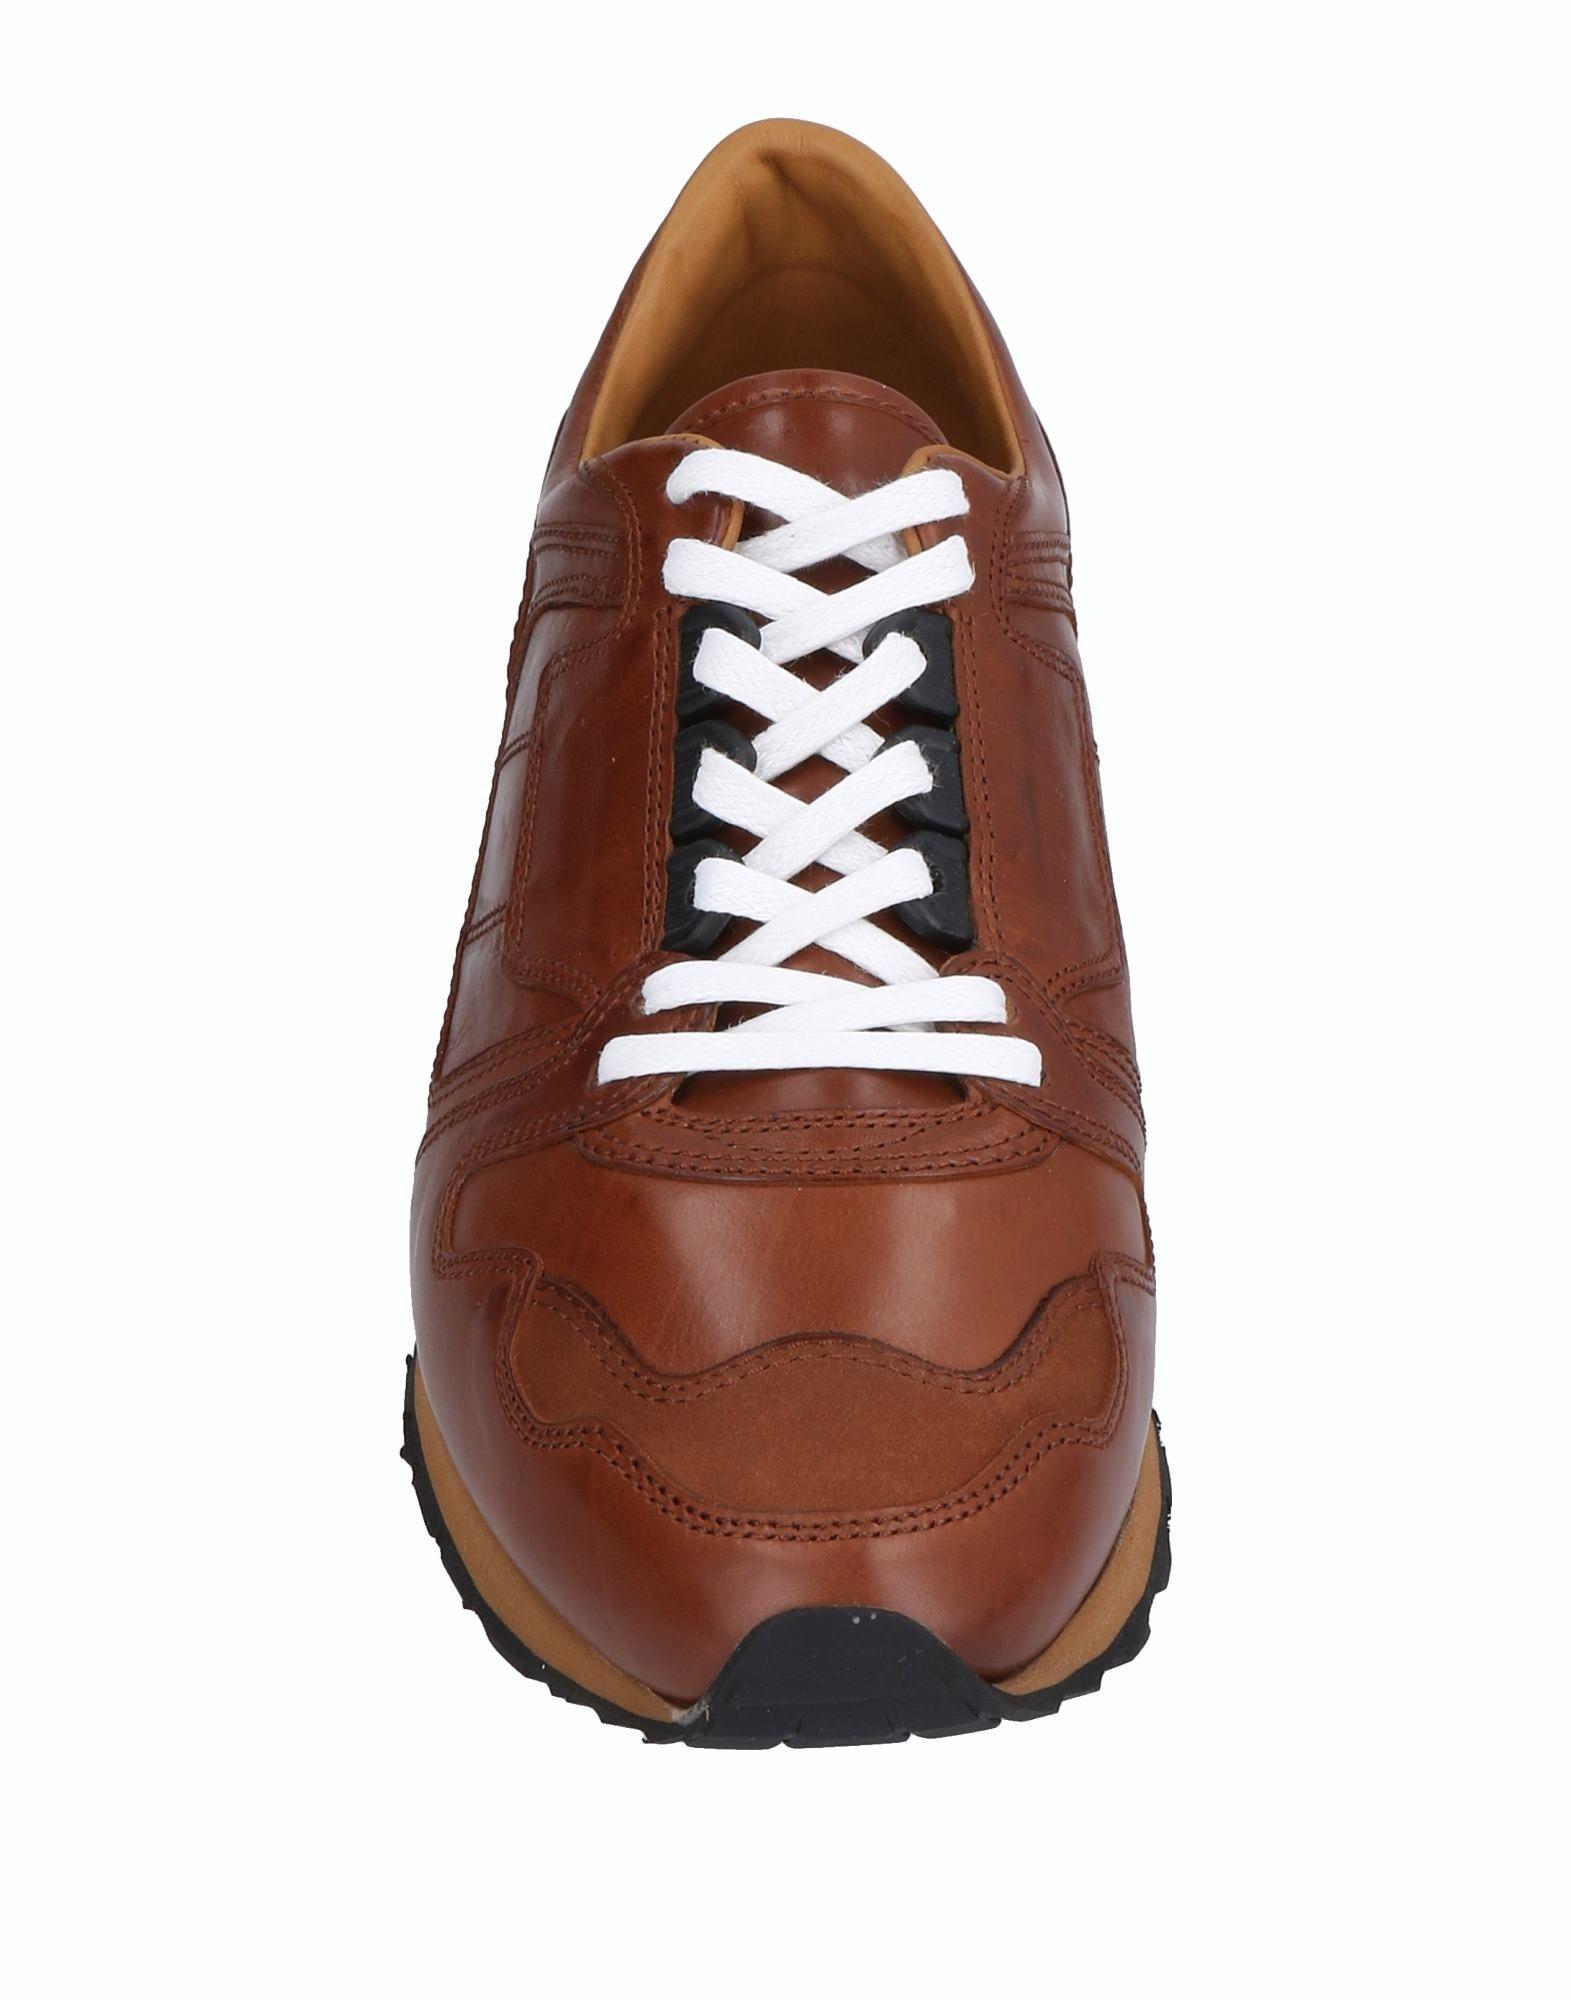 N.D.C. Made By Hand Sneakers Herren  Schuhe 11514131AH Gute Qualität beliebte Schuhe  b808f9